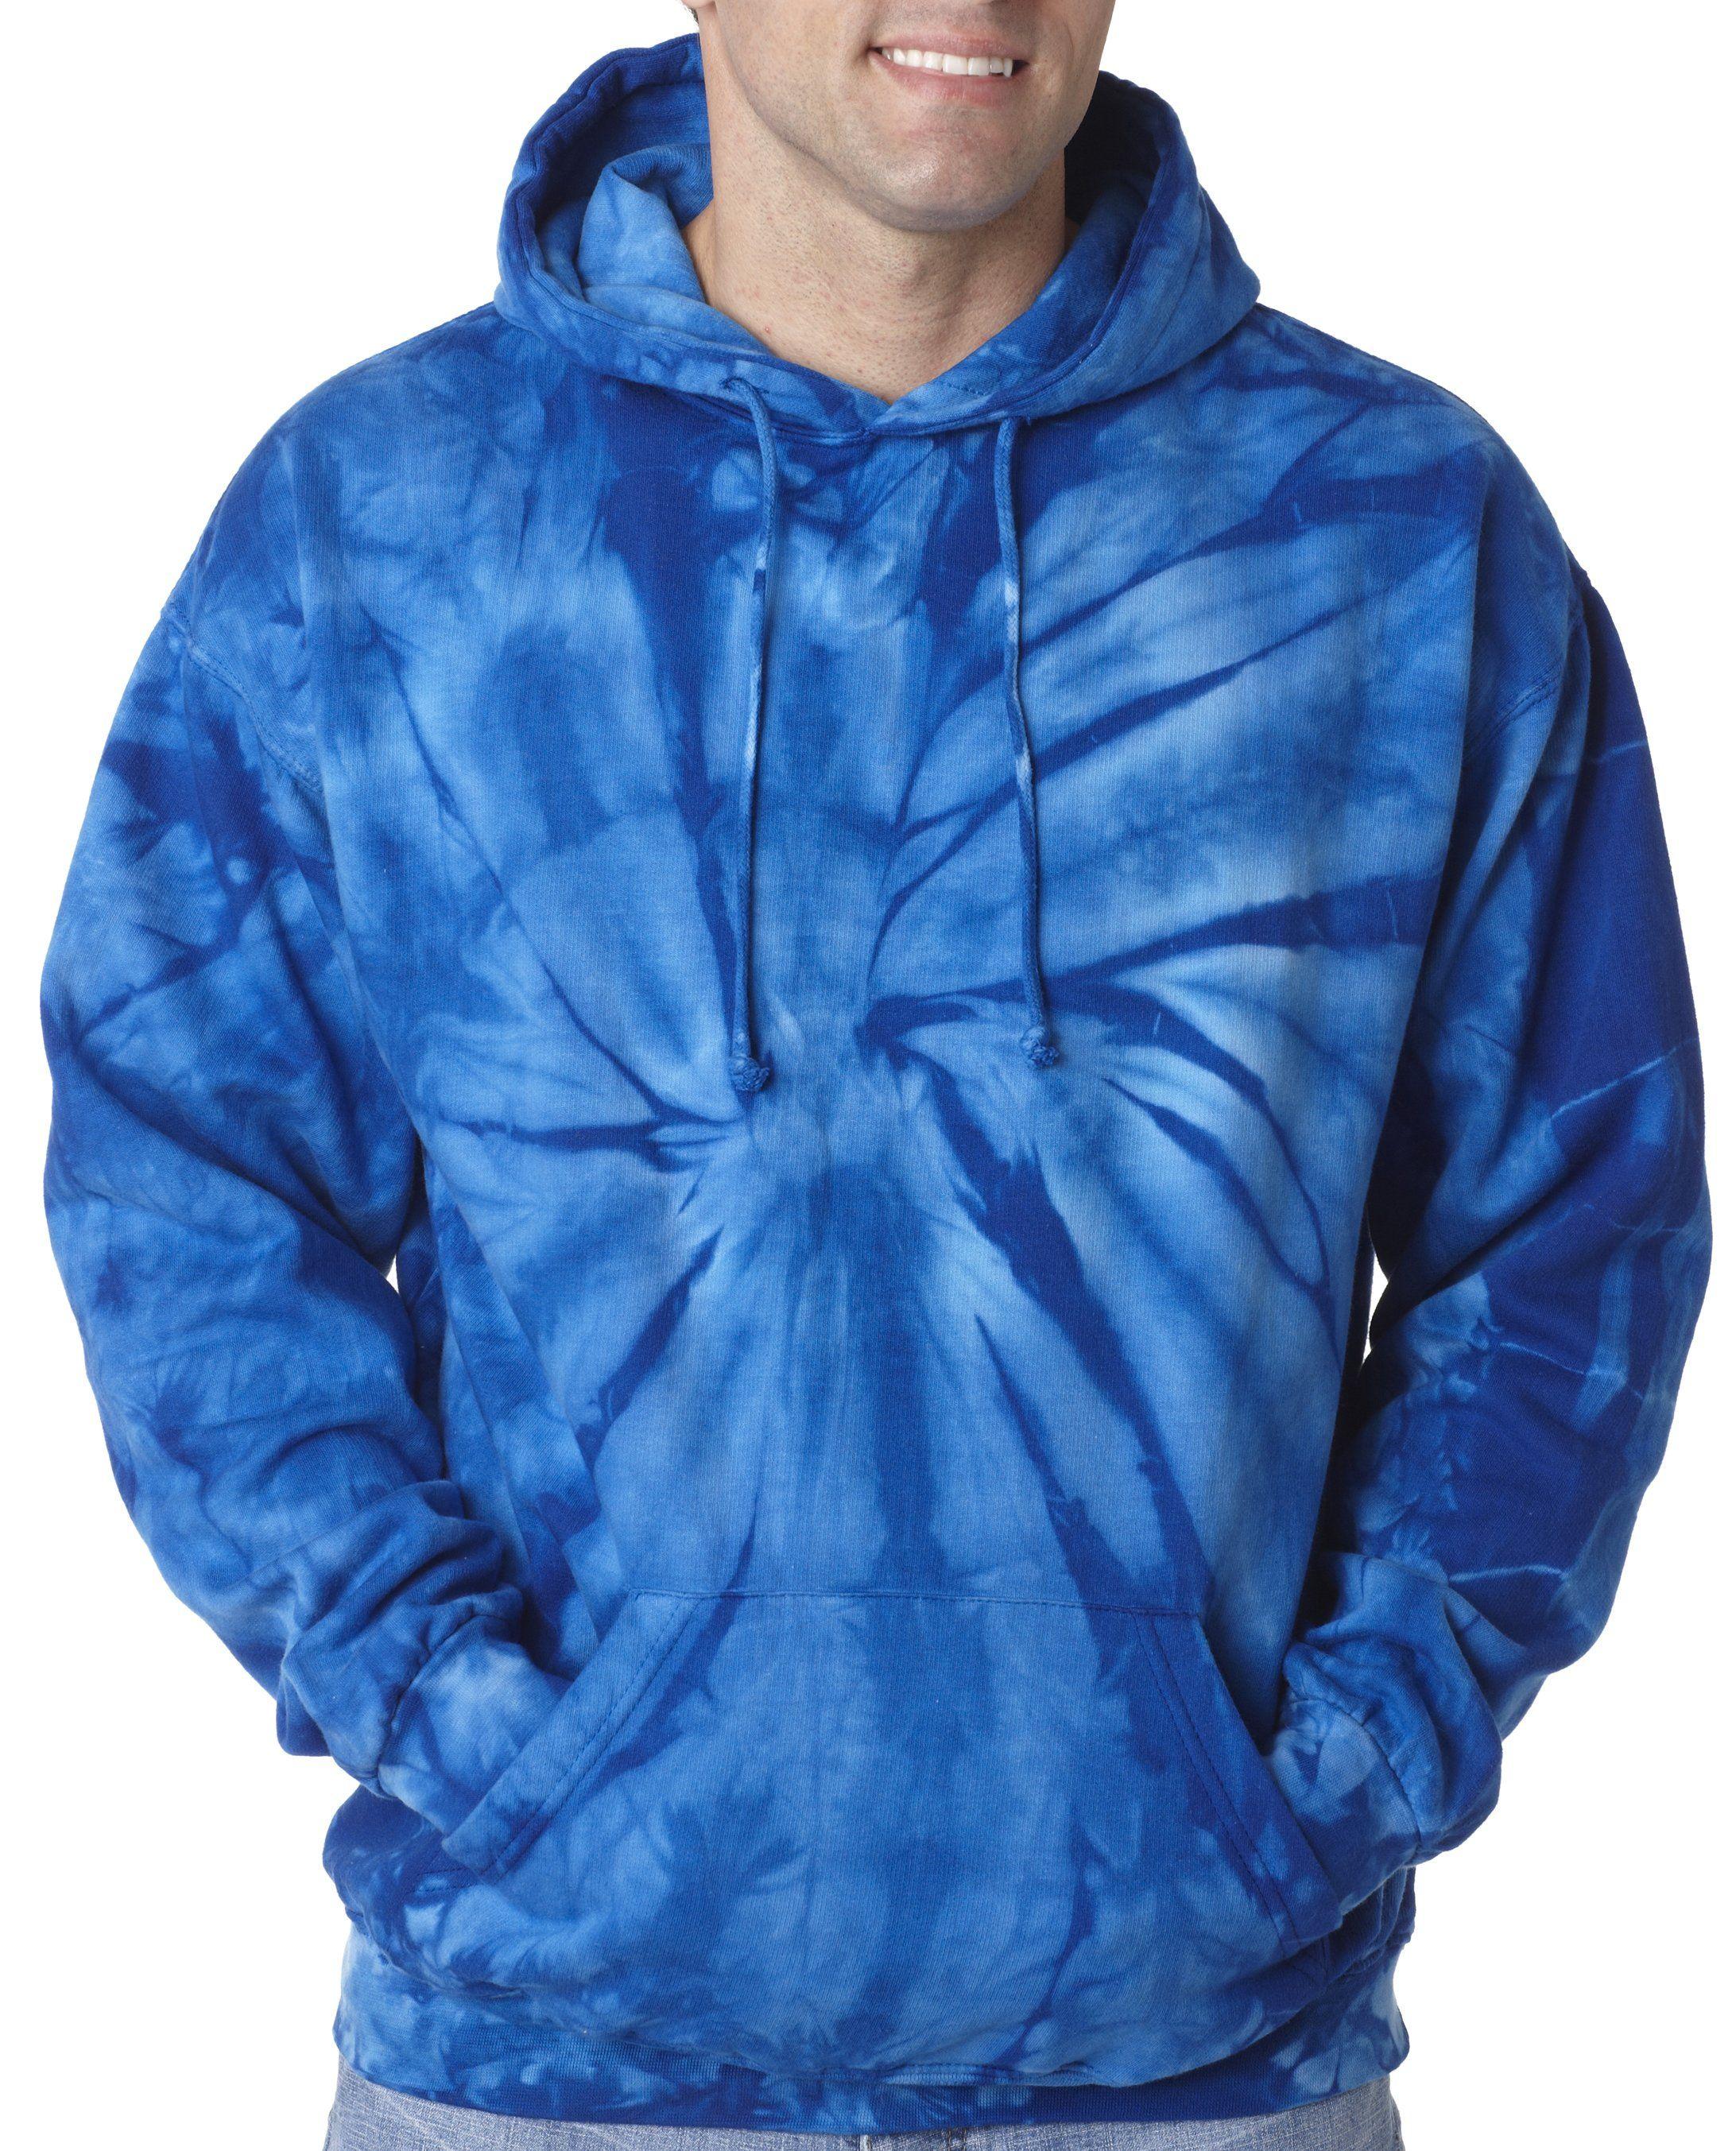 197df9616bc74 Adult Unisex Tie Dye Hoodie   Products   Tie dye hoodie, Tie Dye ...